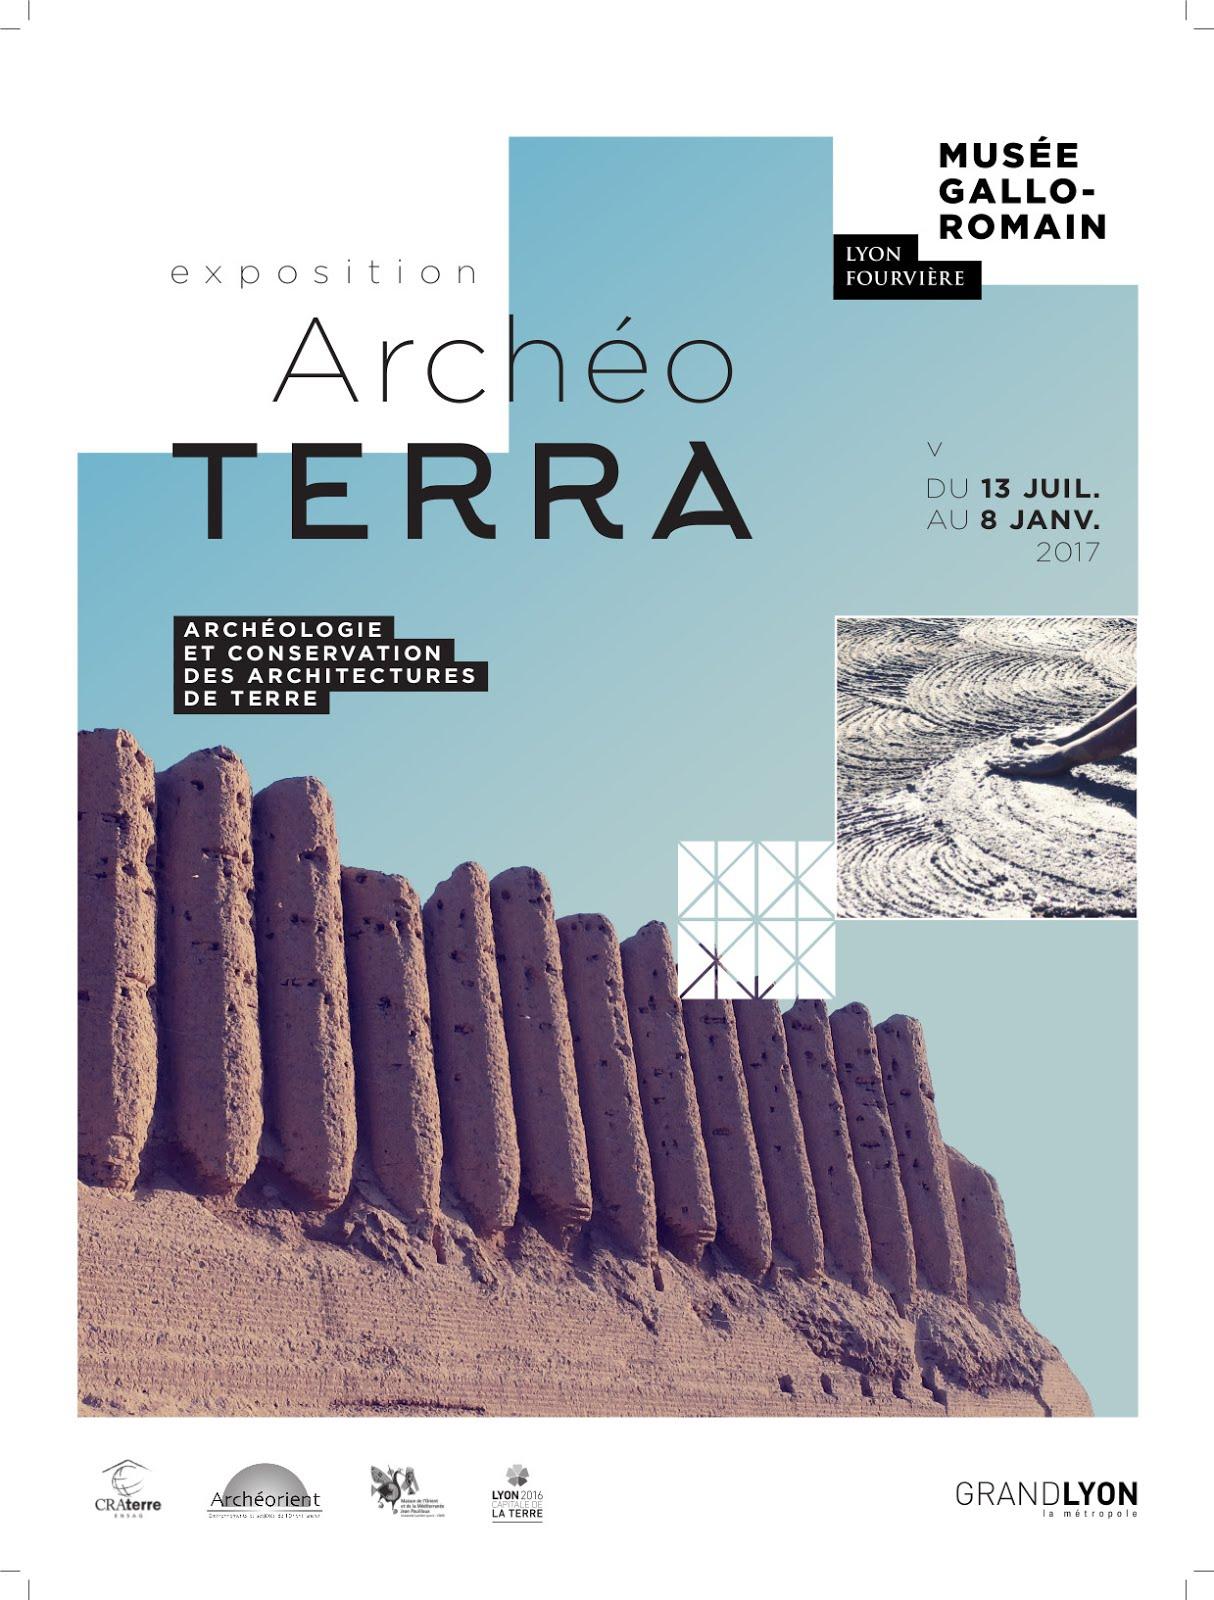 Expo: ArchéoTERRA Du 13 juillet 2016 au 8 janvier 2017